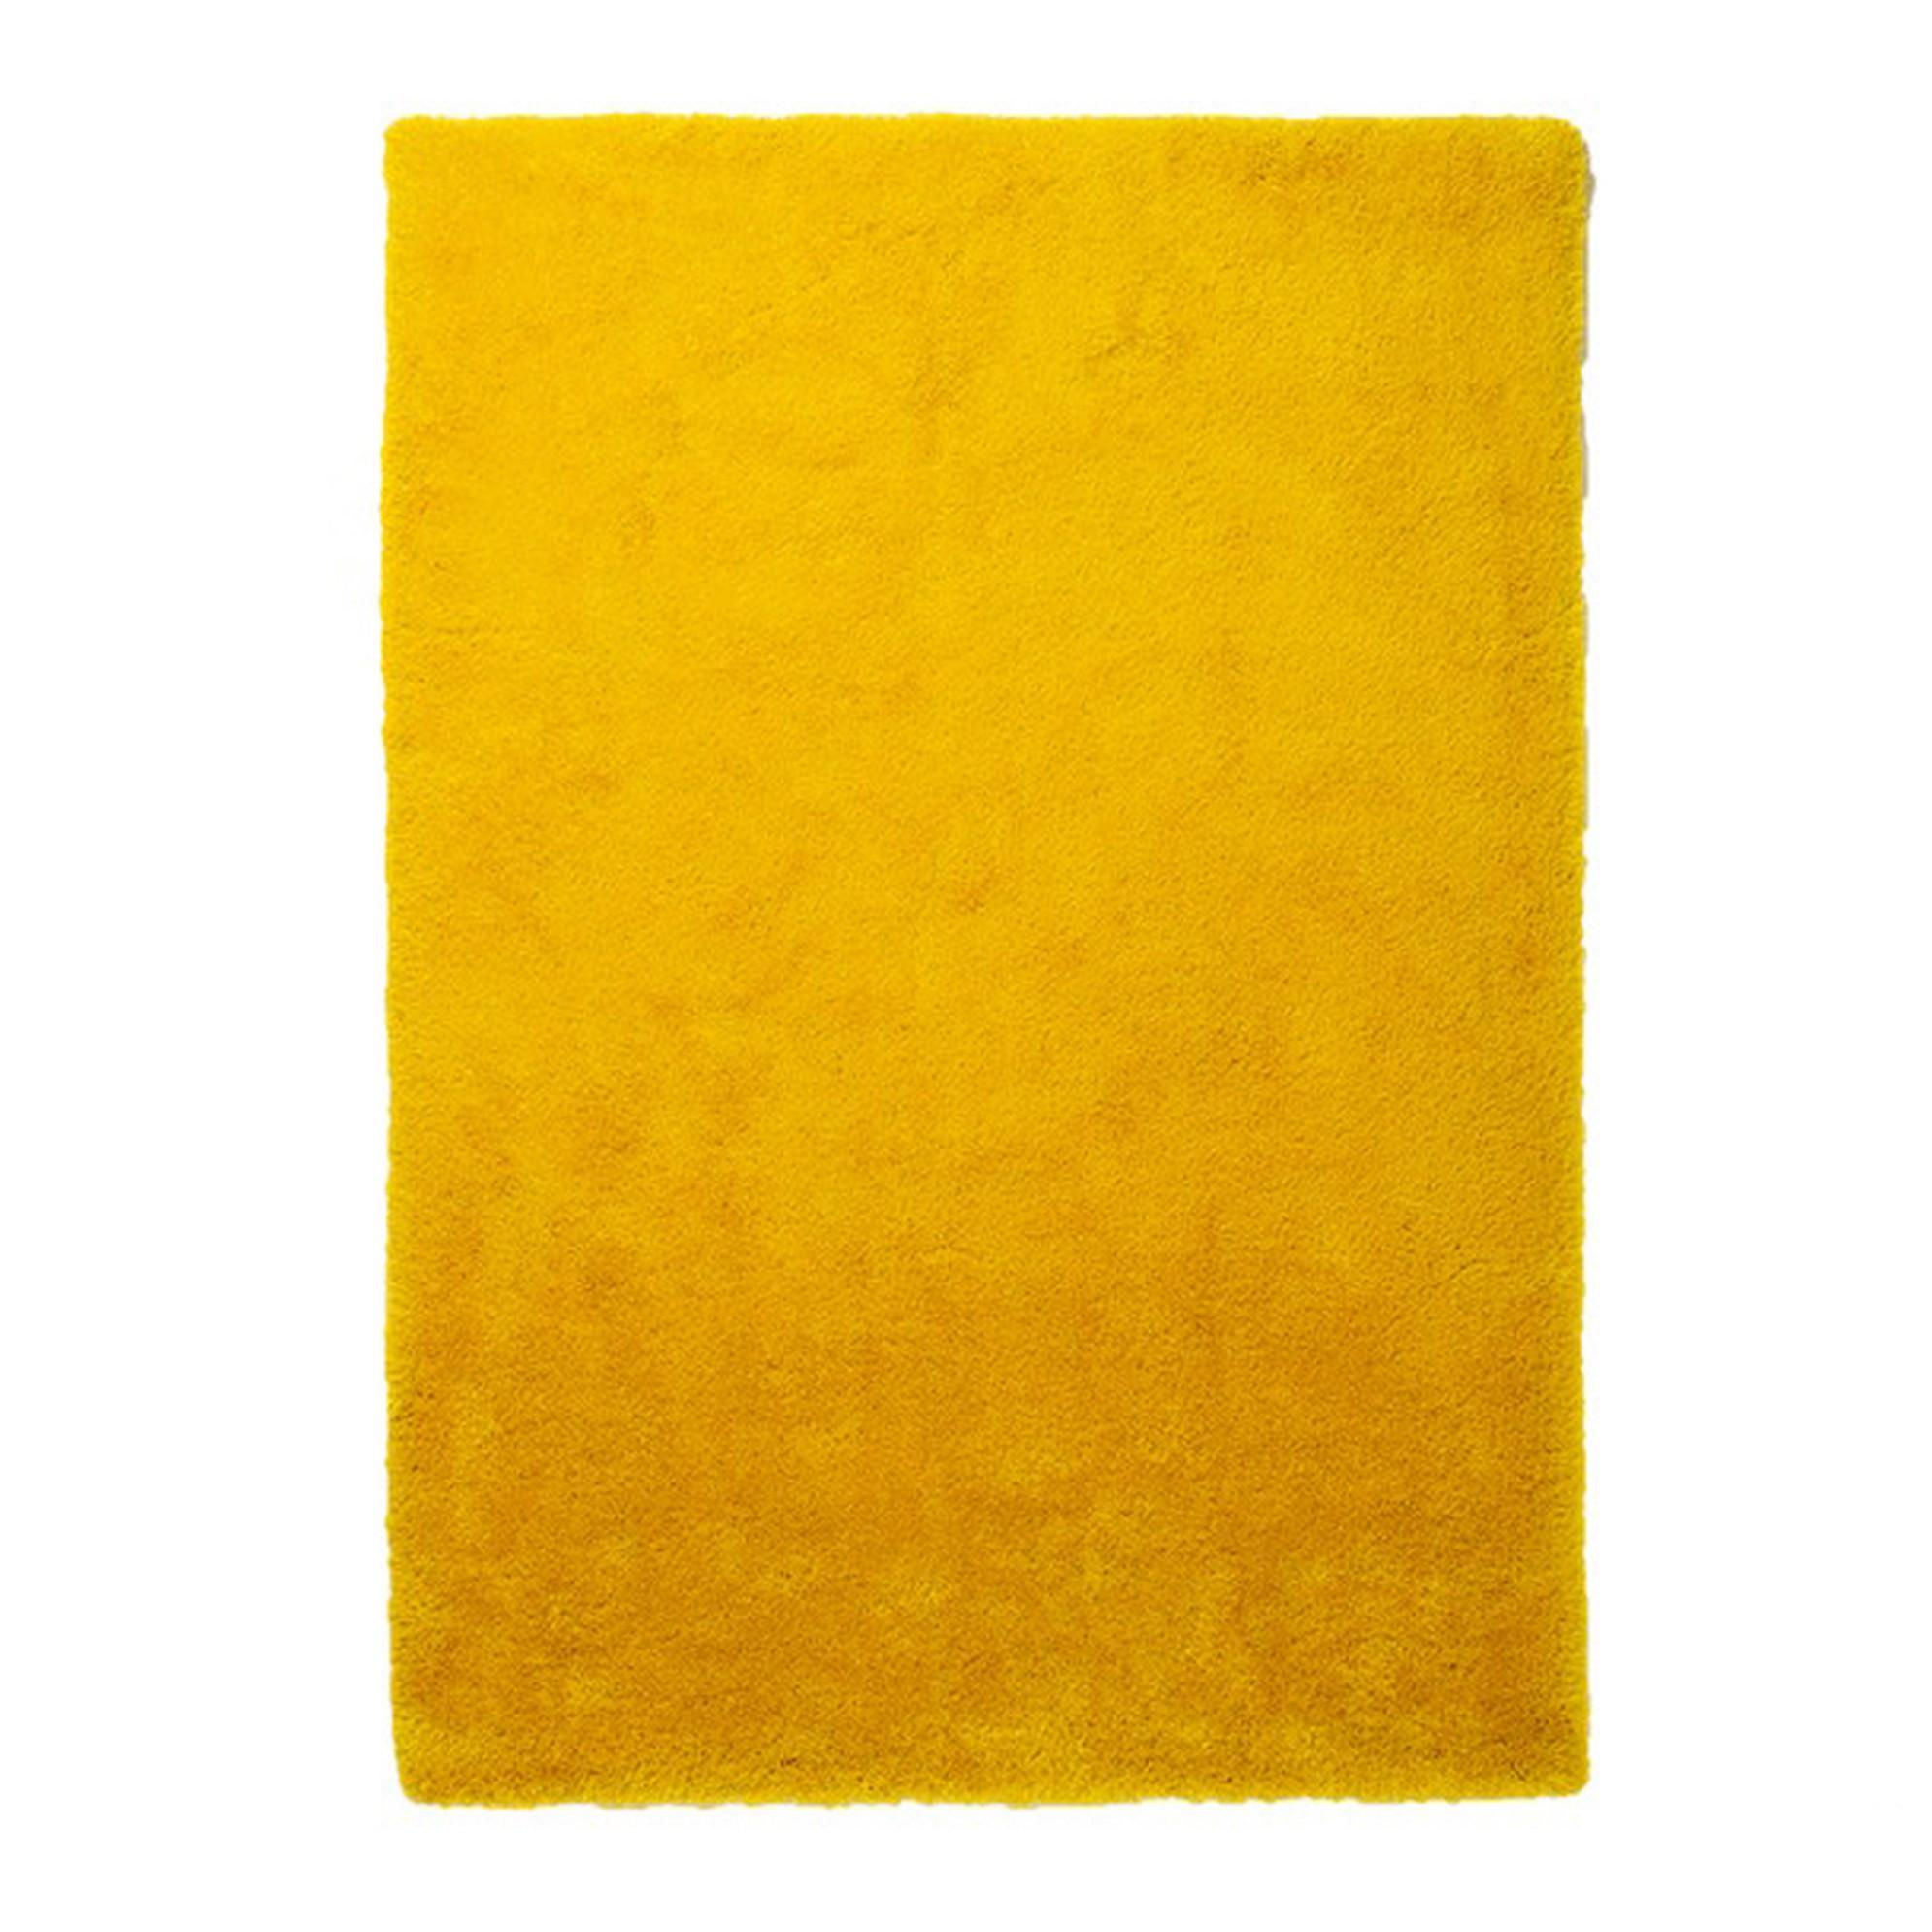 Teppich Curry – Gelb – 70 x 140 cm, Colourcourage günstig online kaufen